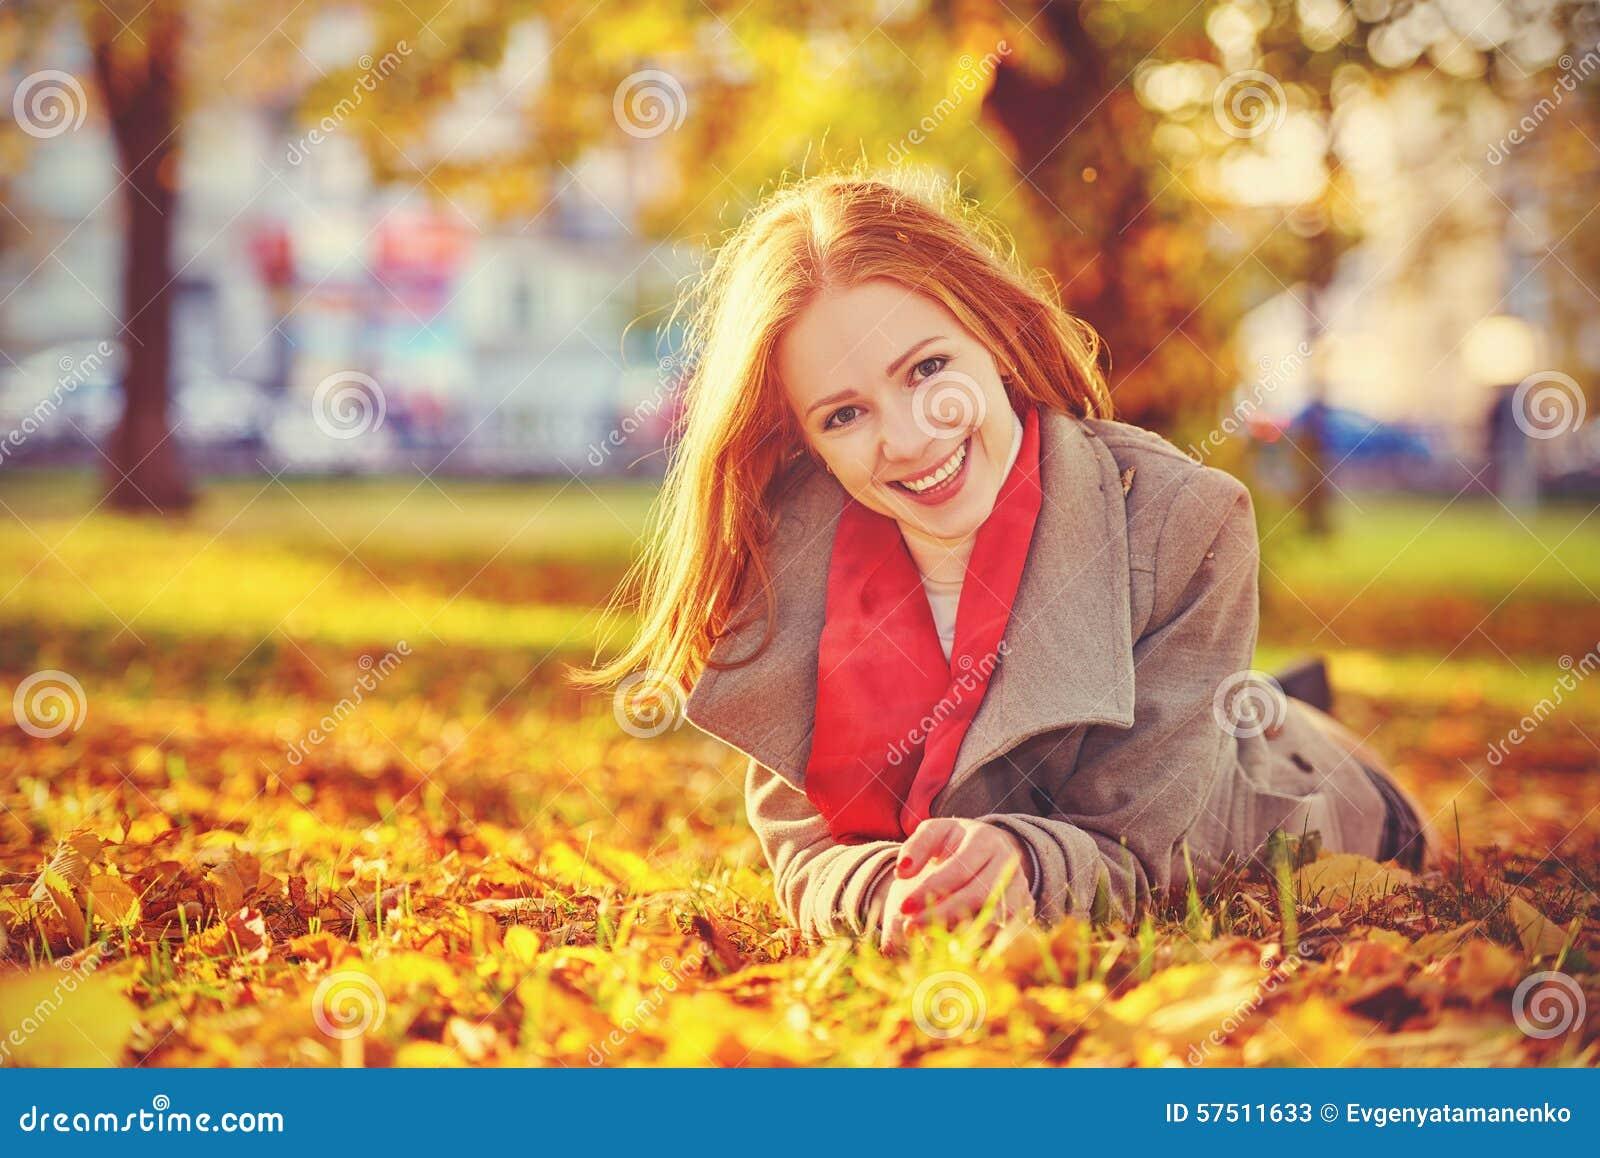 Картинки красивой и счастливой осени